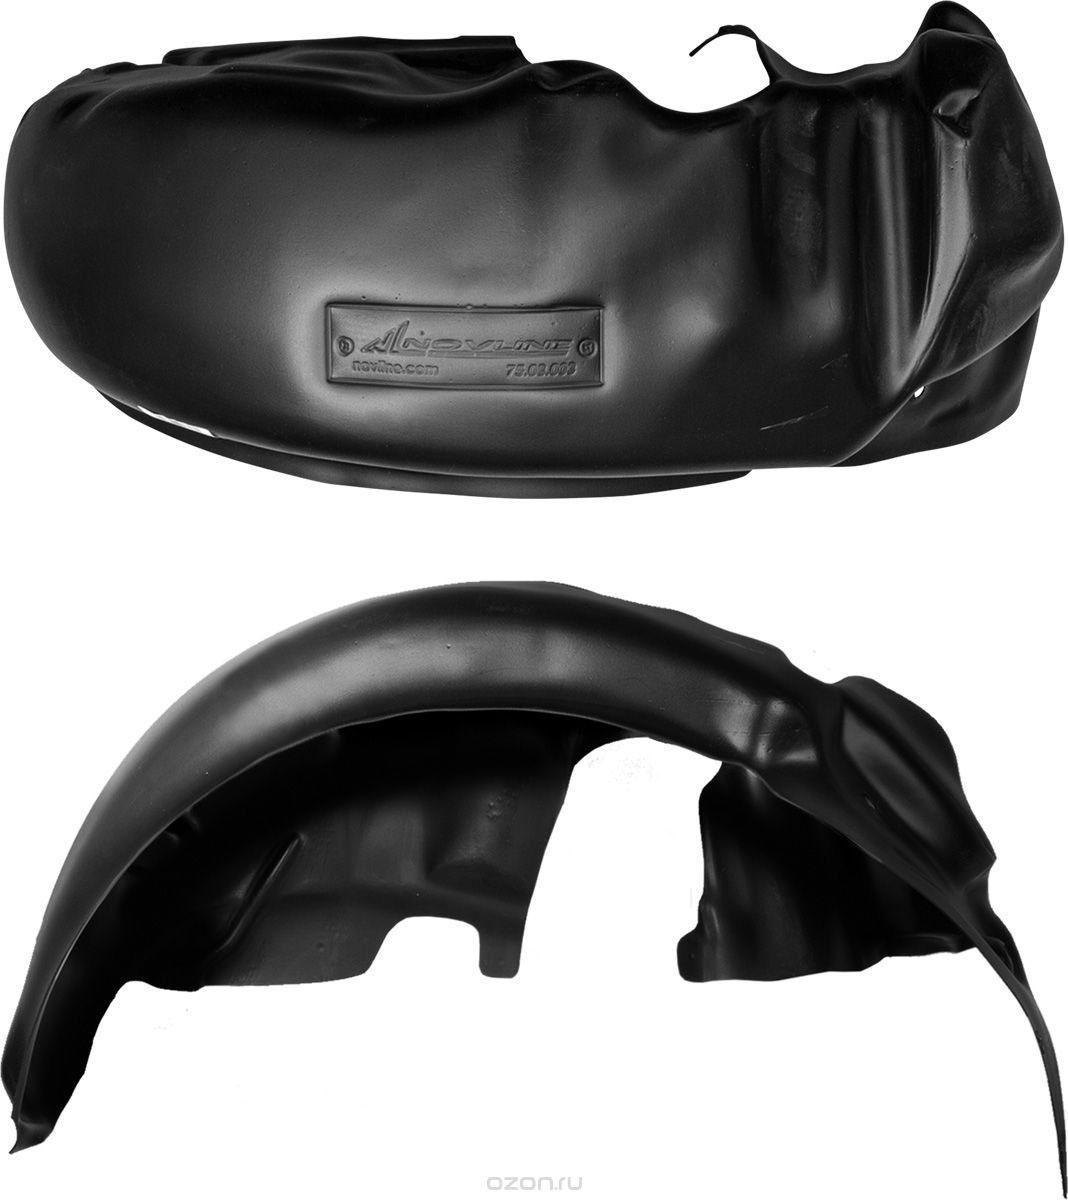 Подкрылок Novline-Autofamily, для Toyota Yaris, 01/2006-2013, задний правыйNLL.48.10.004Идеальная защита колесной ниши. Локеры разработаны с применением цифровых технологий, гарантируют максимальную повторяемость поверхности арки. Изделия устанавливаются без нарушения лакокрасочного покрытия автомобиля, каждый подкрылок комплектуется крепежом. Уважаемые клиенты, обращаем ваше внимание, что фотографии на подкрылки универсальные и не отражают реальную форму изделия. При этом само изделие идет точно под размер указанного автомобиля.